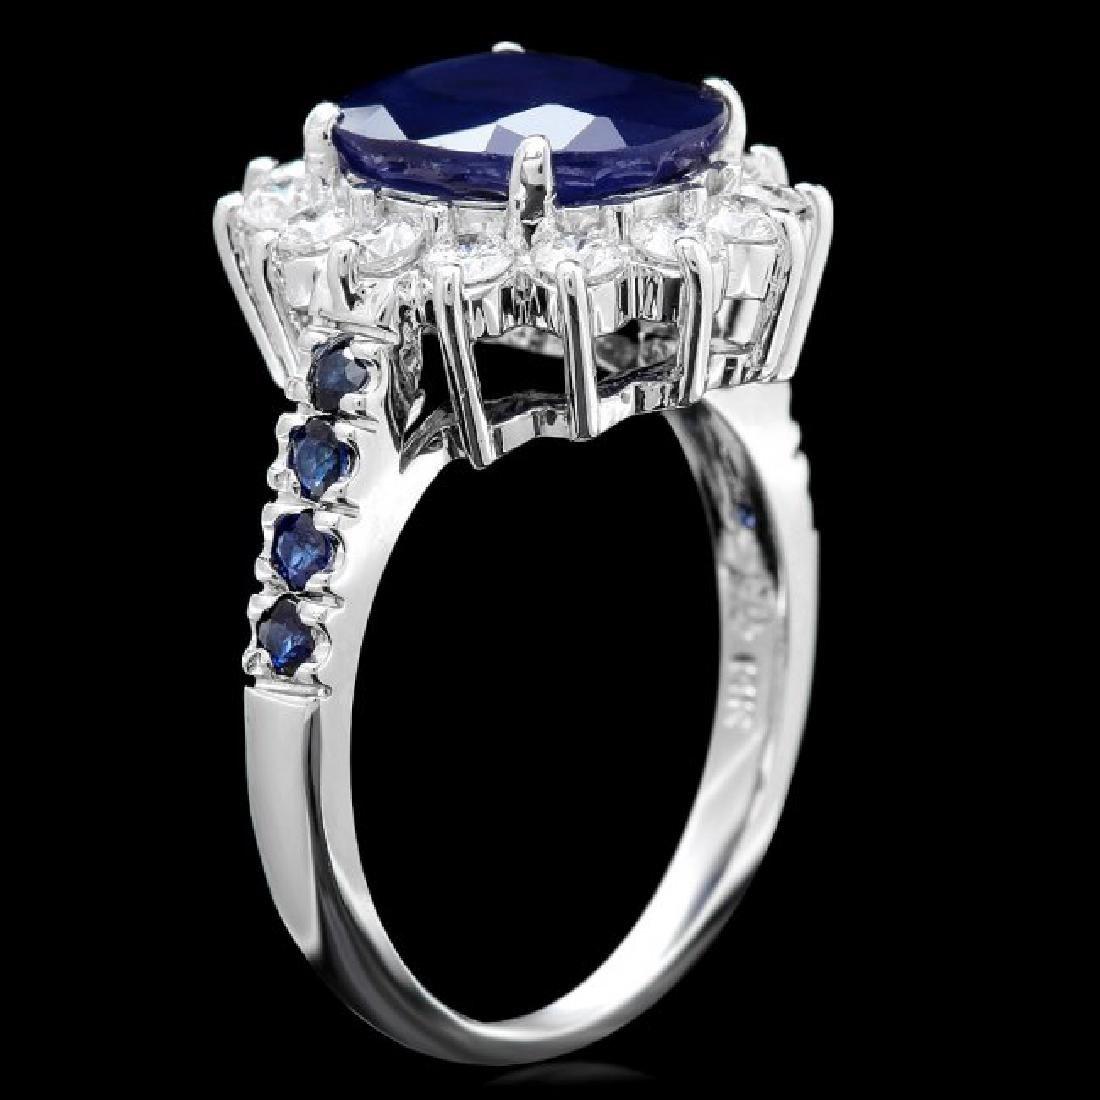 14k White Gold 4.3ct Sapphire 0.80ct Diamond Ring - 3